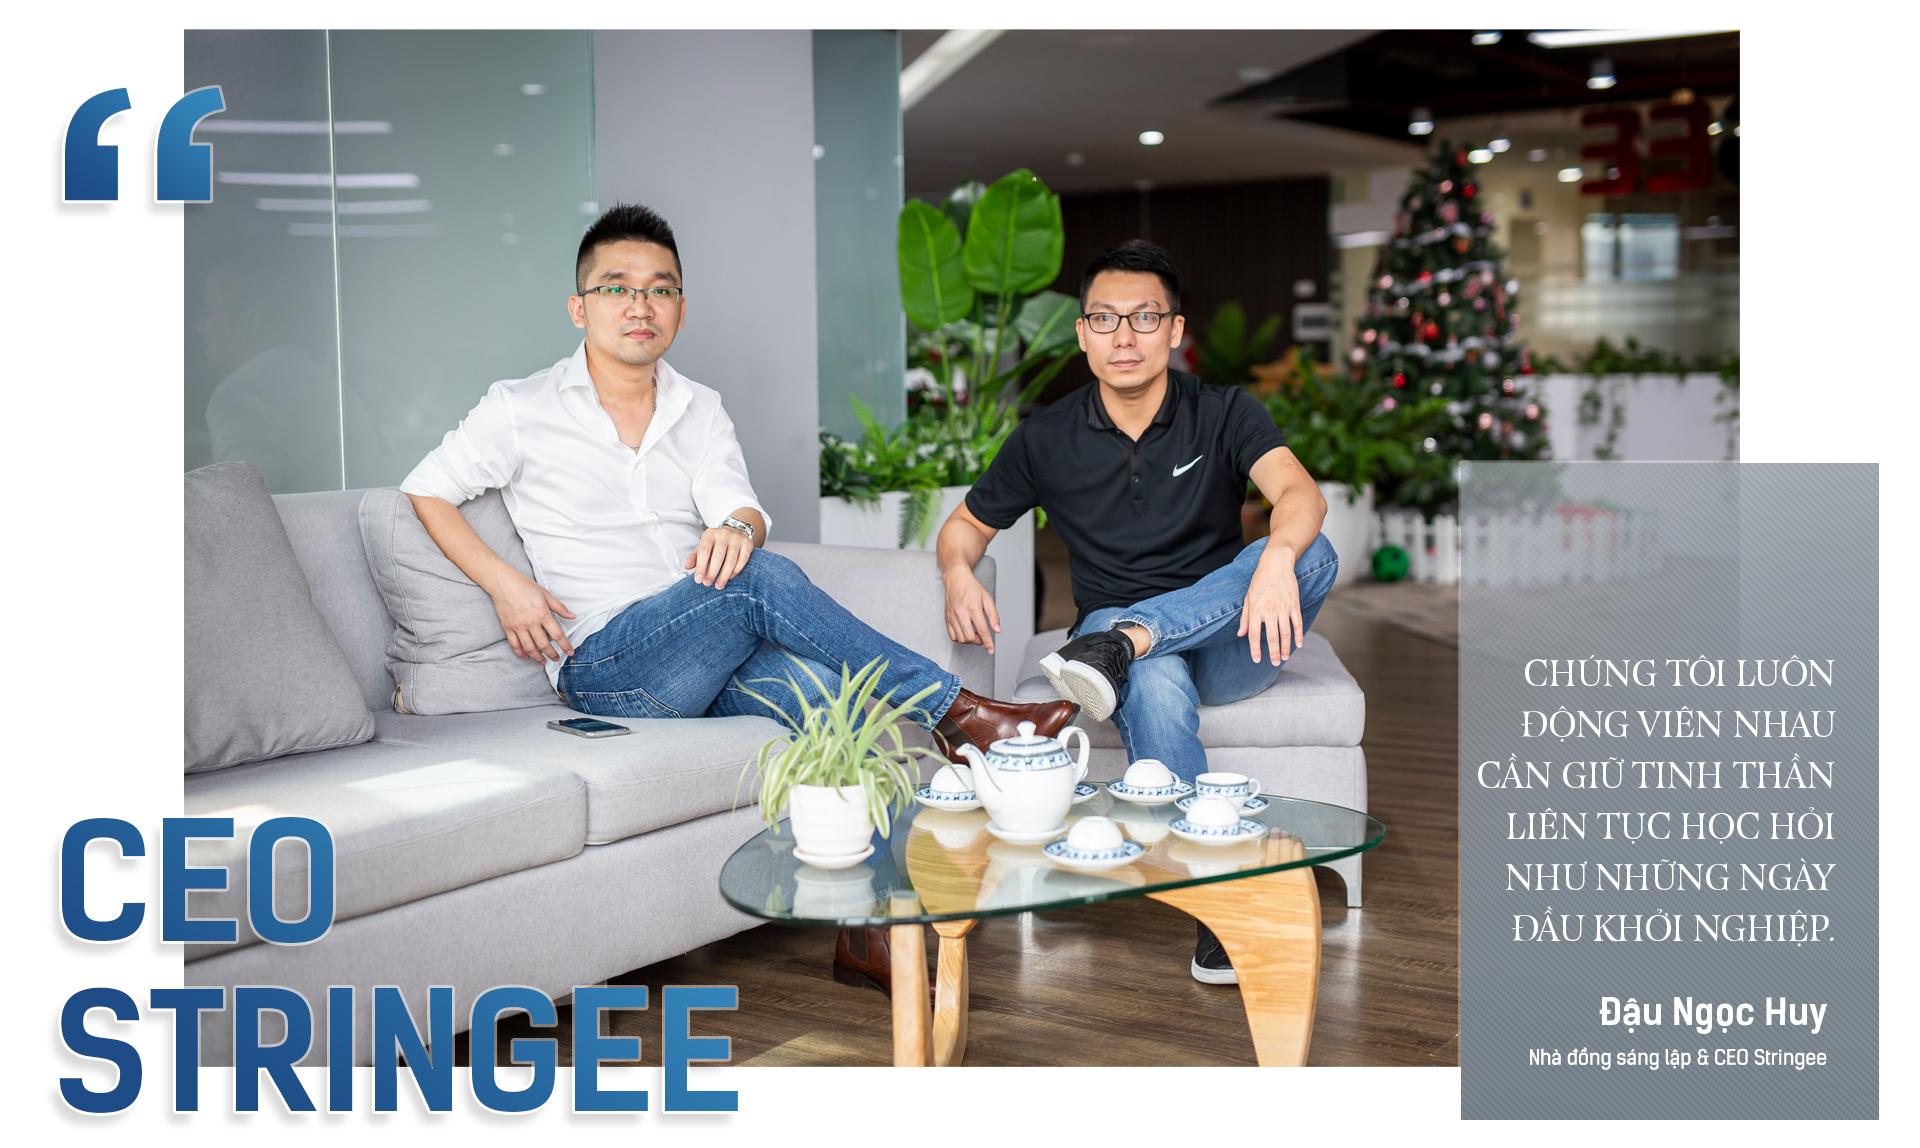 CEO Stringee và hành trình tạo thêm giá trị cho công nghệ Việt 5